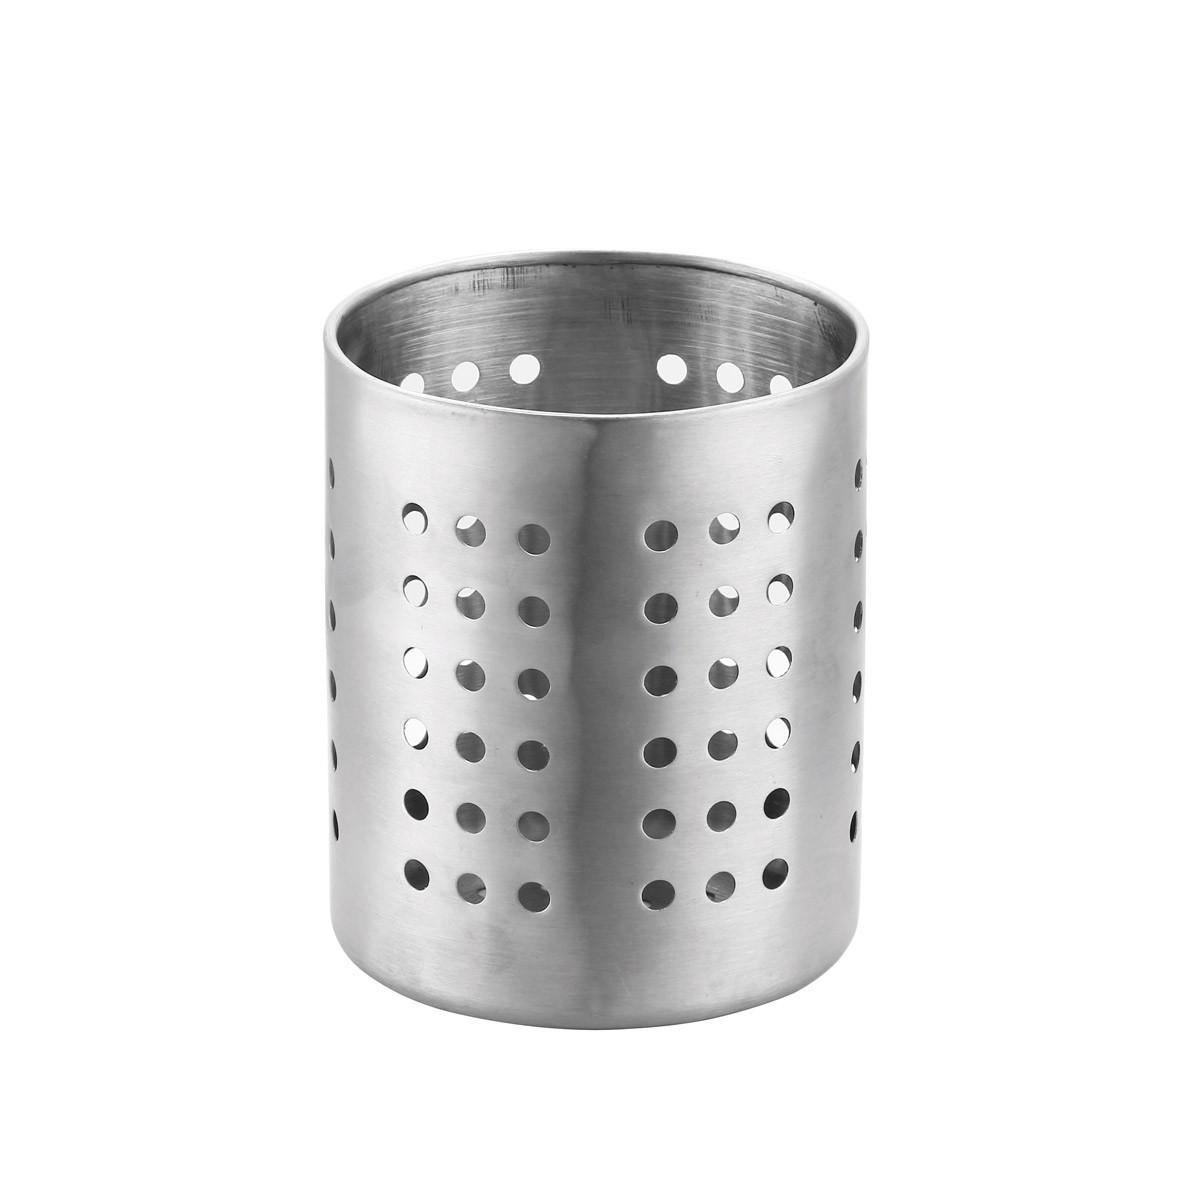 Κουταλοθήκη – Στραγγιστήρι εstia Nickel 01-1490